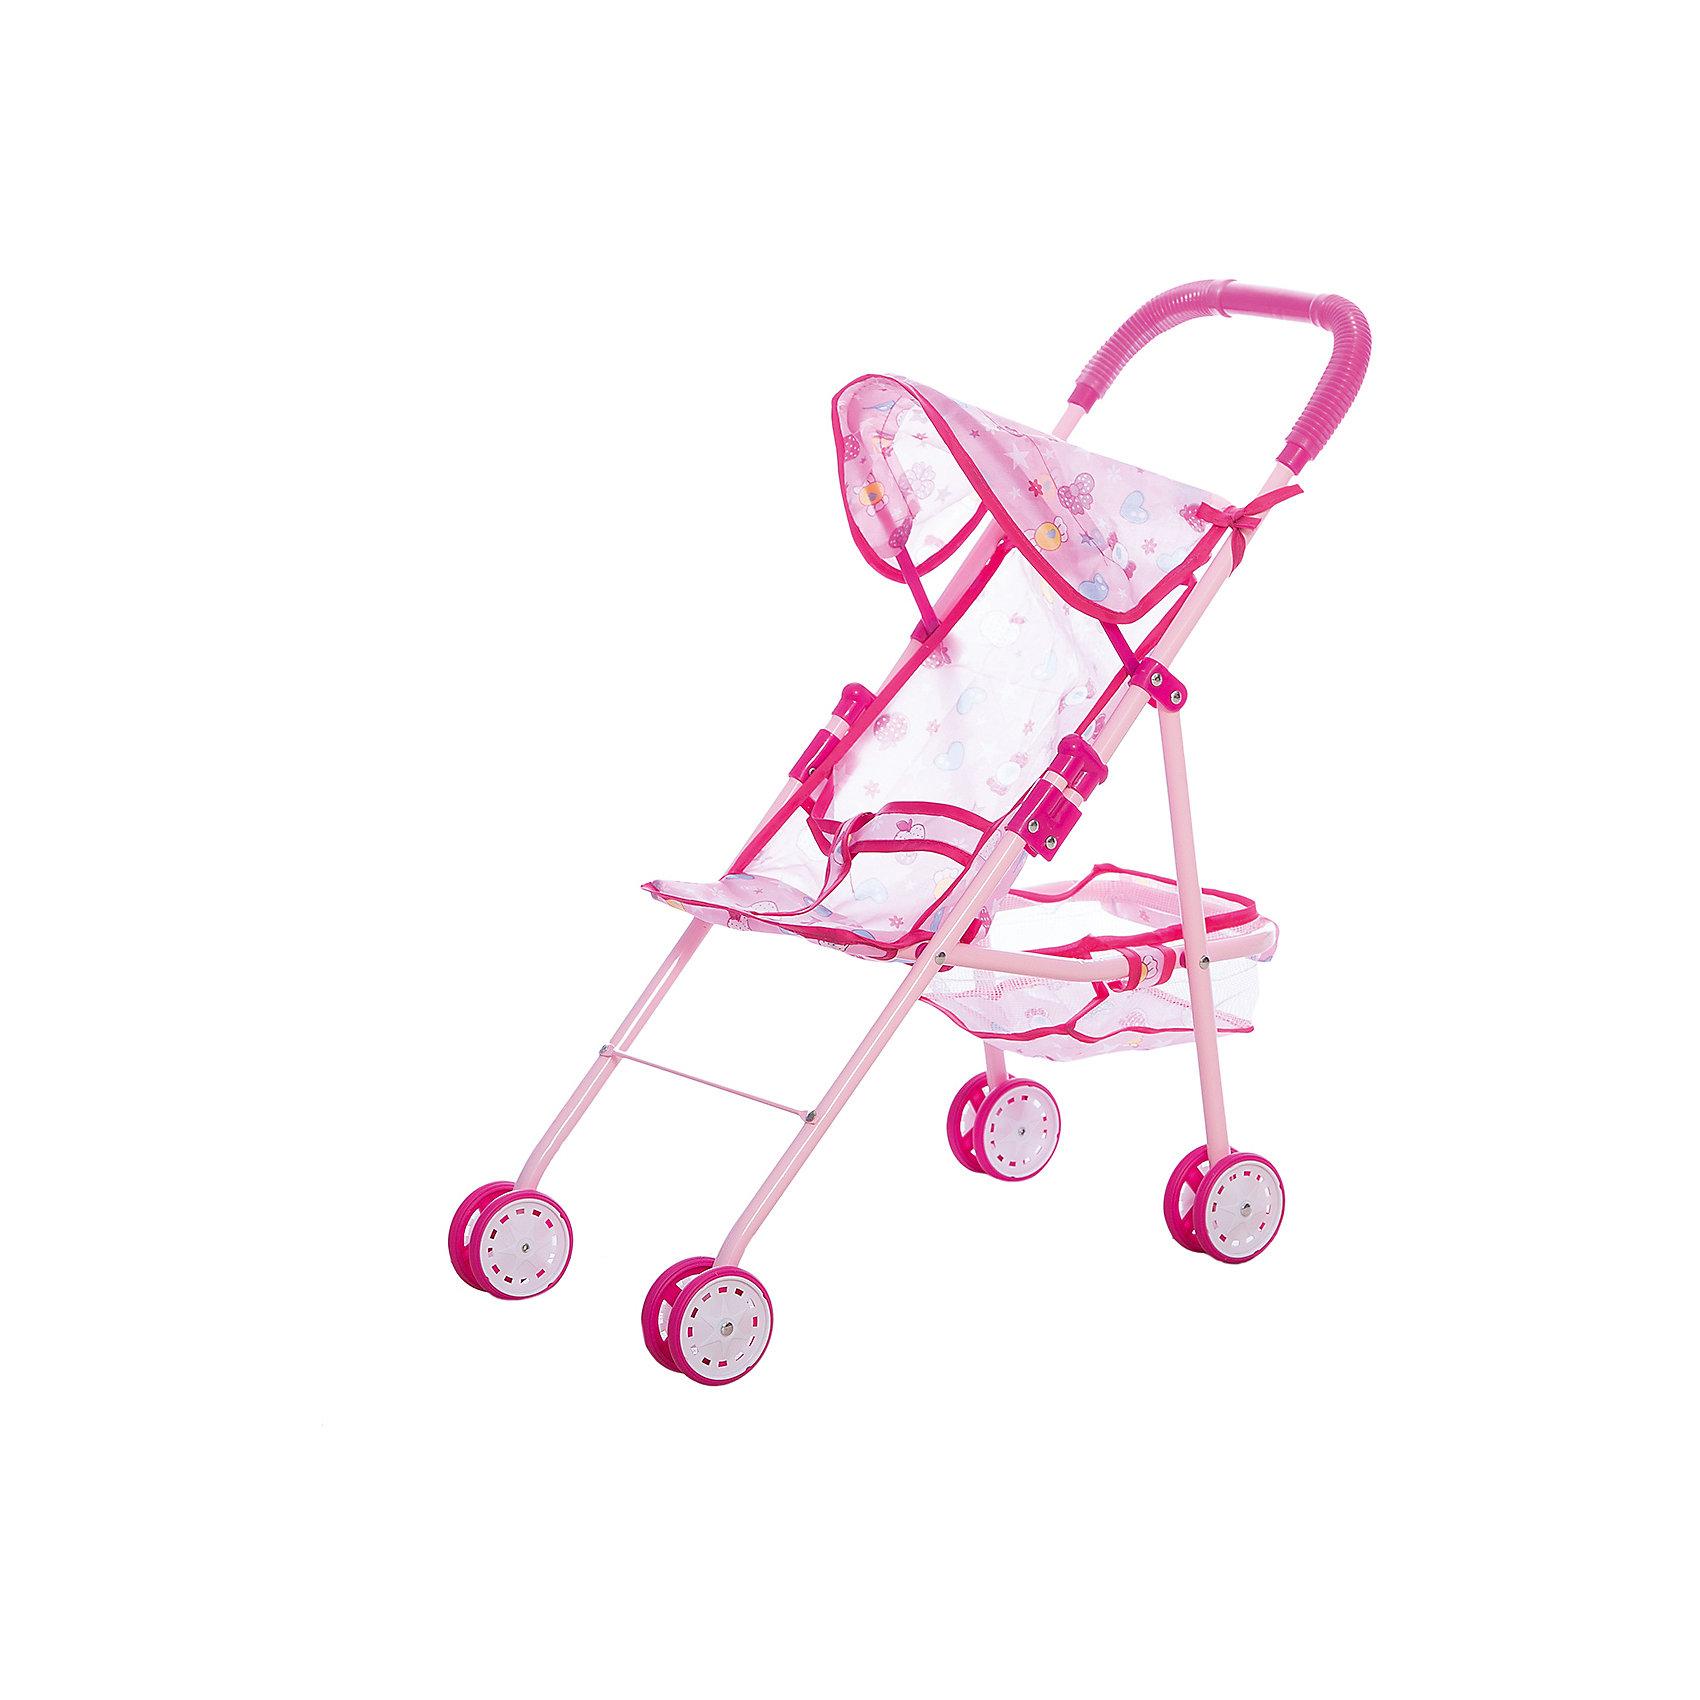 Коляска прогулочная с корзиной , 24,5*52*53 см, Shantou GepaiКоляски и транспорт для кукол<br>Коляска прогулочная с корзиной , 24,5*52*53 см, Shantou Gepai. Интересная прогулочная коляска со складным козырьком придет по вкусу куклам и их владелице. При желании коляска складывается для более удобного хранения. В составе каркаса коляски использован алюминий, что позволяет ребенку легко ее передвигать. Небольшой козырек убережет пупсов от солнышка и небольшого дождика и, в дополнение, добавляет коляске реалистичности. Яркие цвета рисунков на розовом фоне понравятся ребенку, а при необходимости обивка коляски снимается. У этой модели имеется небольшая корзина для мелочей. Теперь прогулки и игры с любимыми куклами будут еще увлекательнее. Каждая девочка хочет иметь коляску для своих дочек и катать их, эта коляска будет отличным подарком.<br> <br>Дополнительная информация:<br><br>- Материал: пластик, текстиль, металл<br>- Размер коляски: 24,5 * 52 * 53 см.<br>- Высота ручки 53 см.<br>Коляску прогулочную с корзиной , 24,5*52*53 см, Shantou Gepai можно купить в нашем интернет-магазине.<br><br>Подробнее:<br>• Для детей в возрасте: от 3 до 6 лет<br>• Номер товара: 4925529<br>Страна производитель: Китай<br><br>Ширина мм: 300<br>Глубина мм: 80<br>Высота мм: 450<br>Вес г: 2083<br>Возраст от месяцев: 36<br>Возраст до месяцев: 120<br>Пол: Женский<br>Возраст: Детский<br>SKU: 4925529